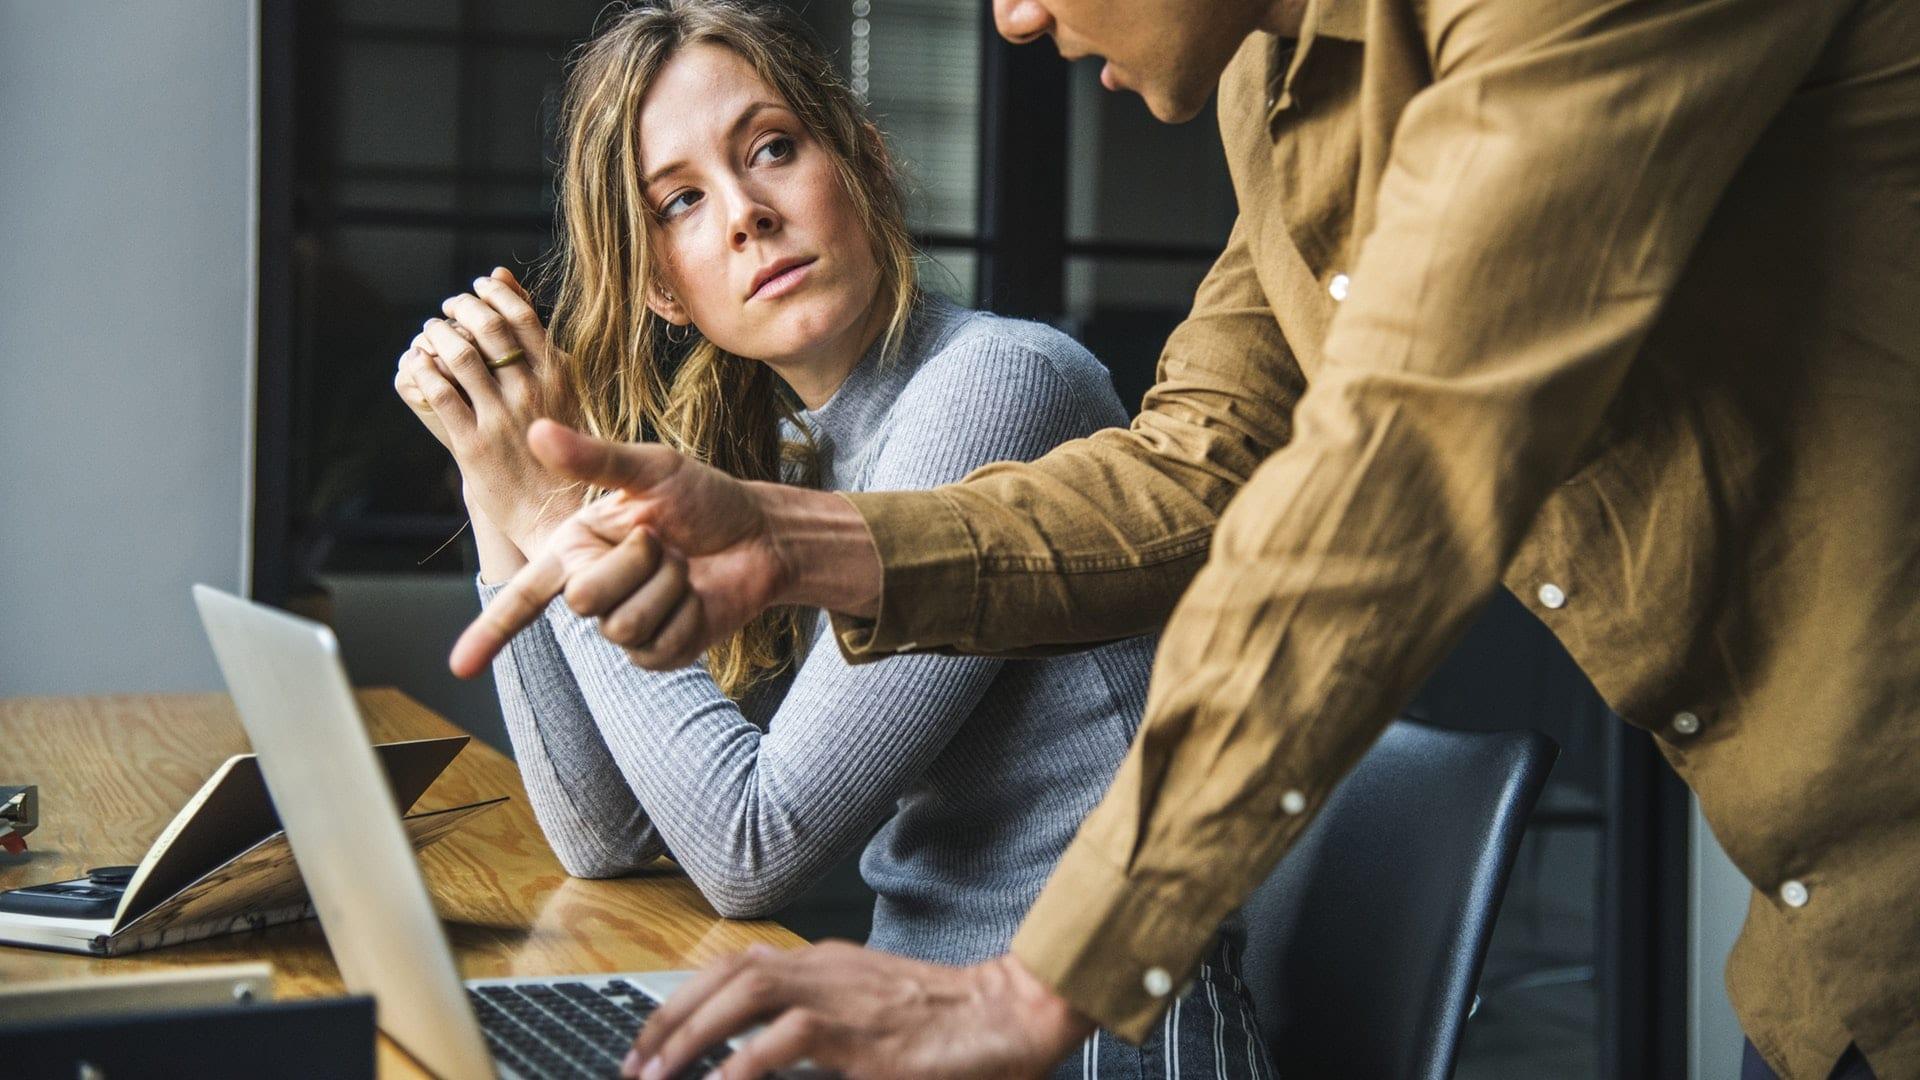 Man en vrouw kijken naar elkaar terwijl de man wijst naar de scherm van een laptop